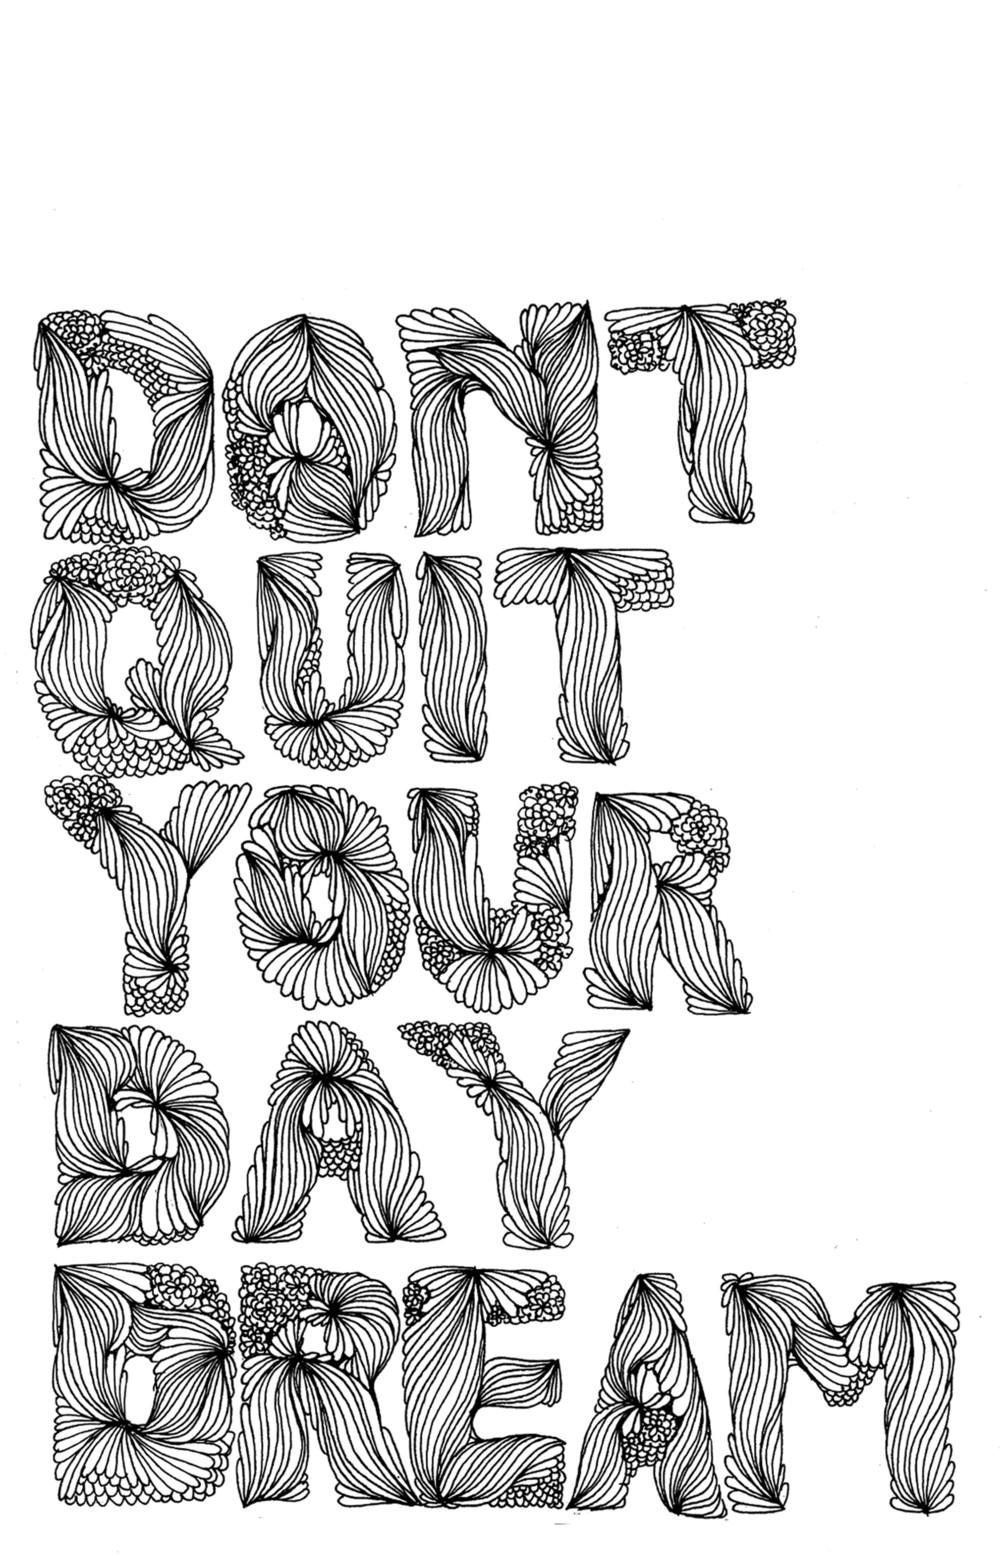 DQYDD_DQYDD.jpg